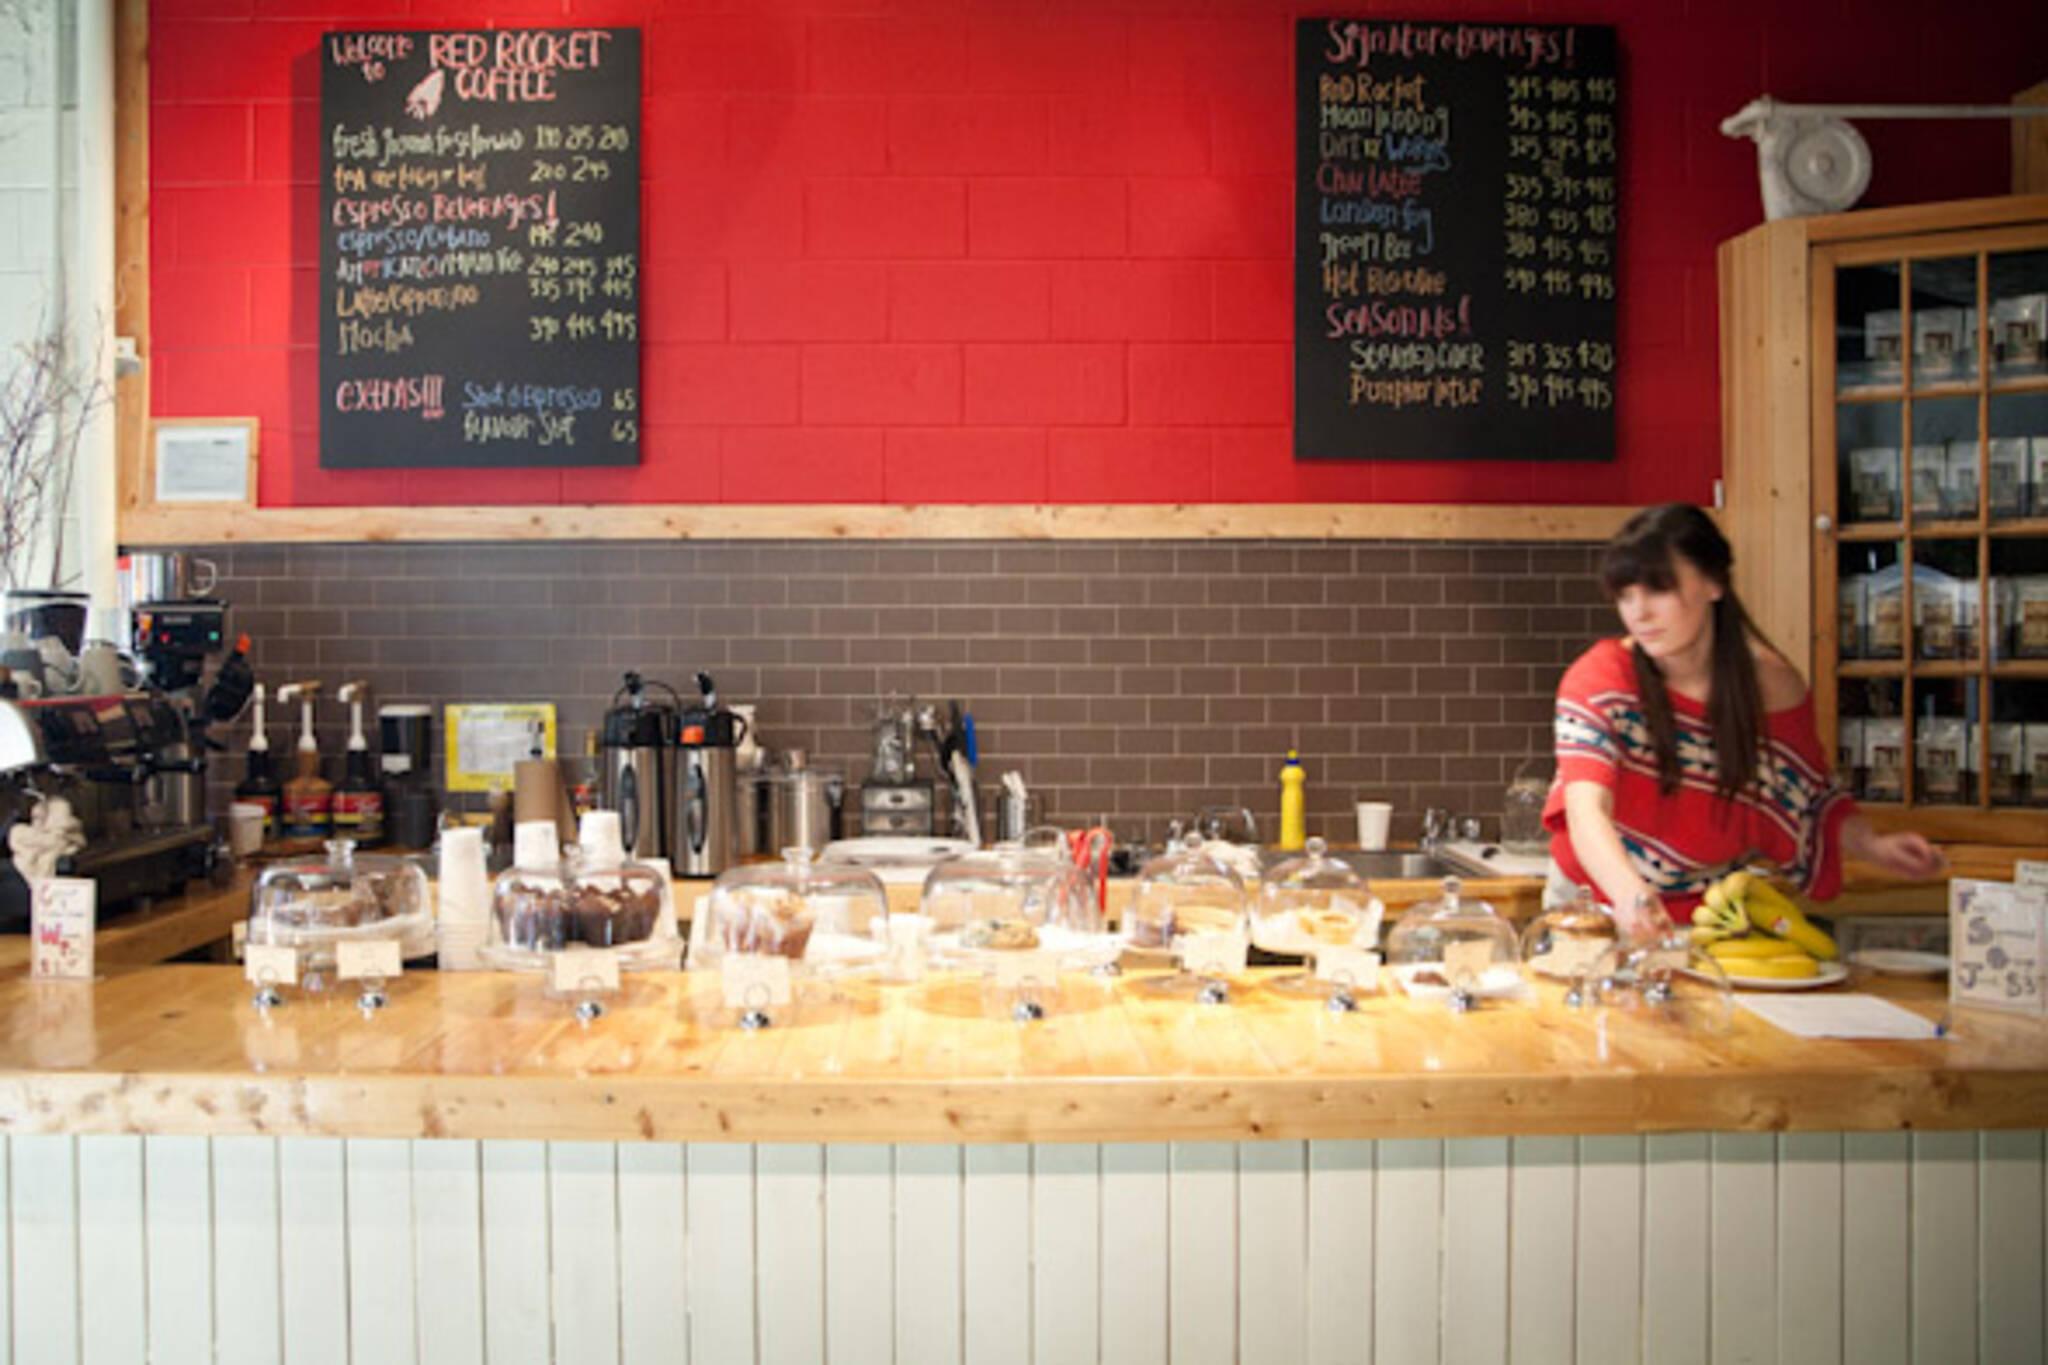 Red Rocket Cafe